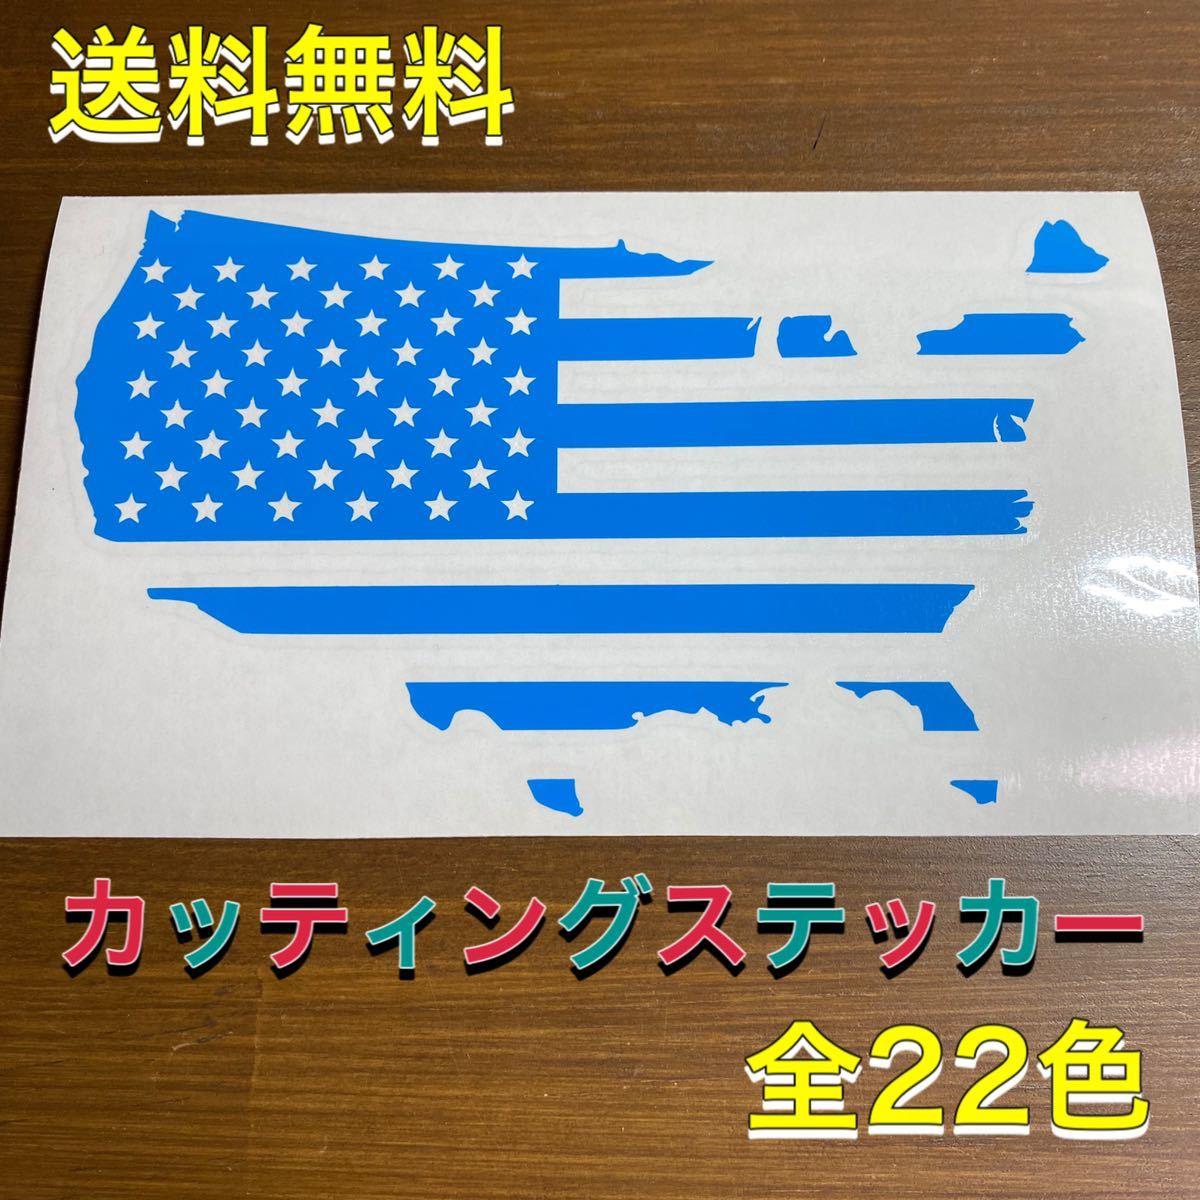 アメリカ 国旗 シルエット ステッカー_画像1